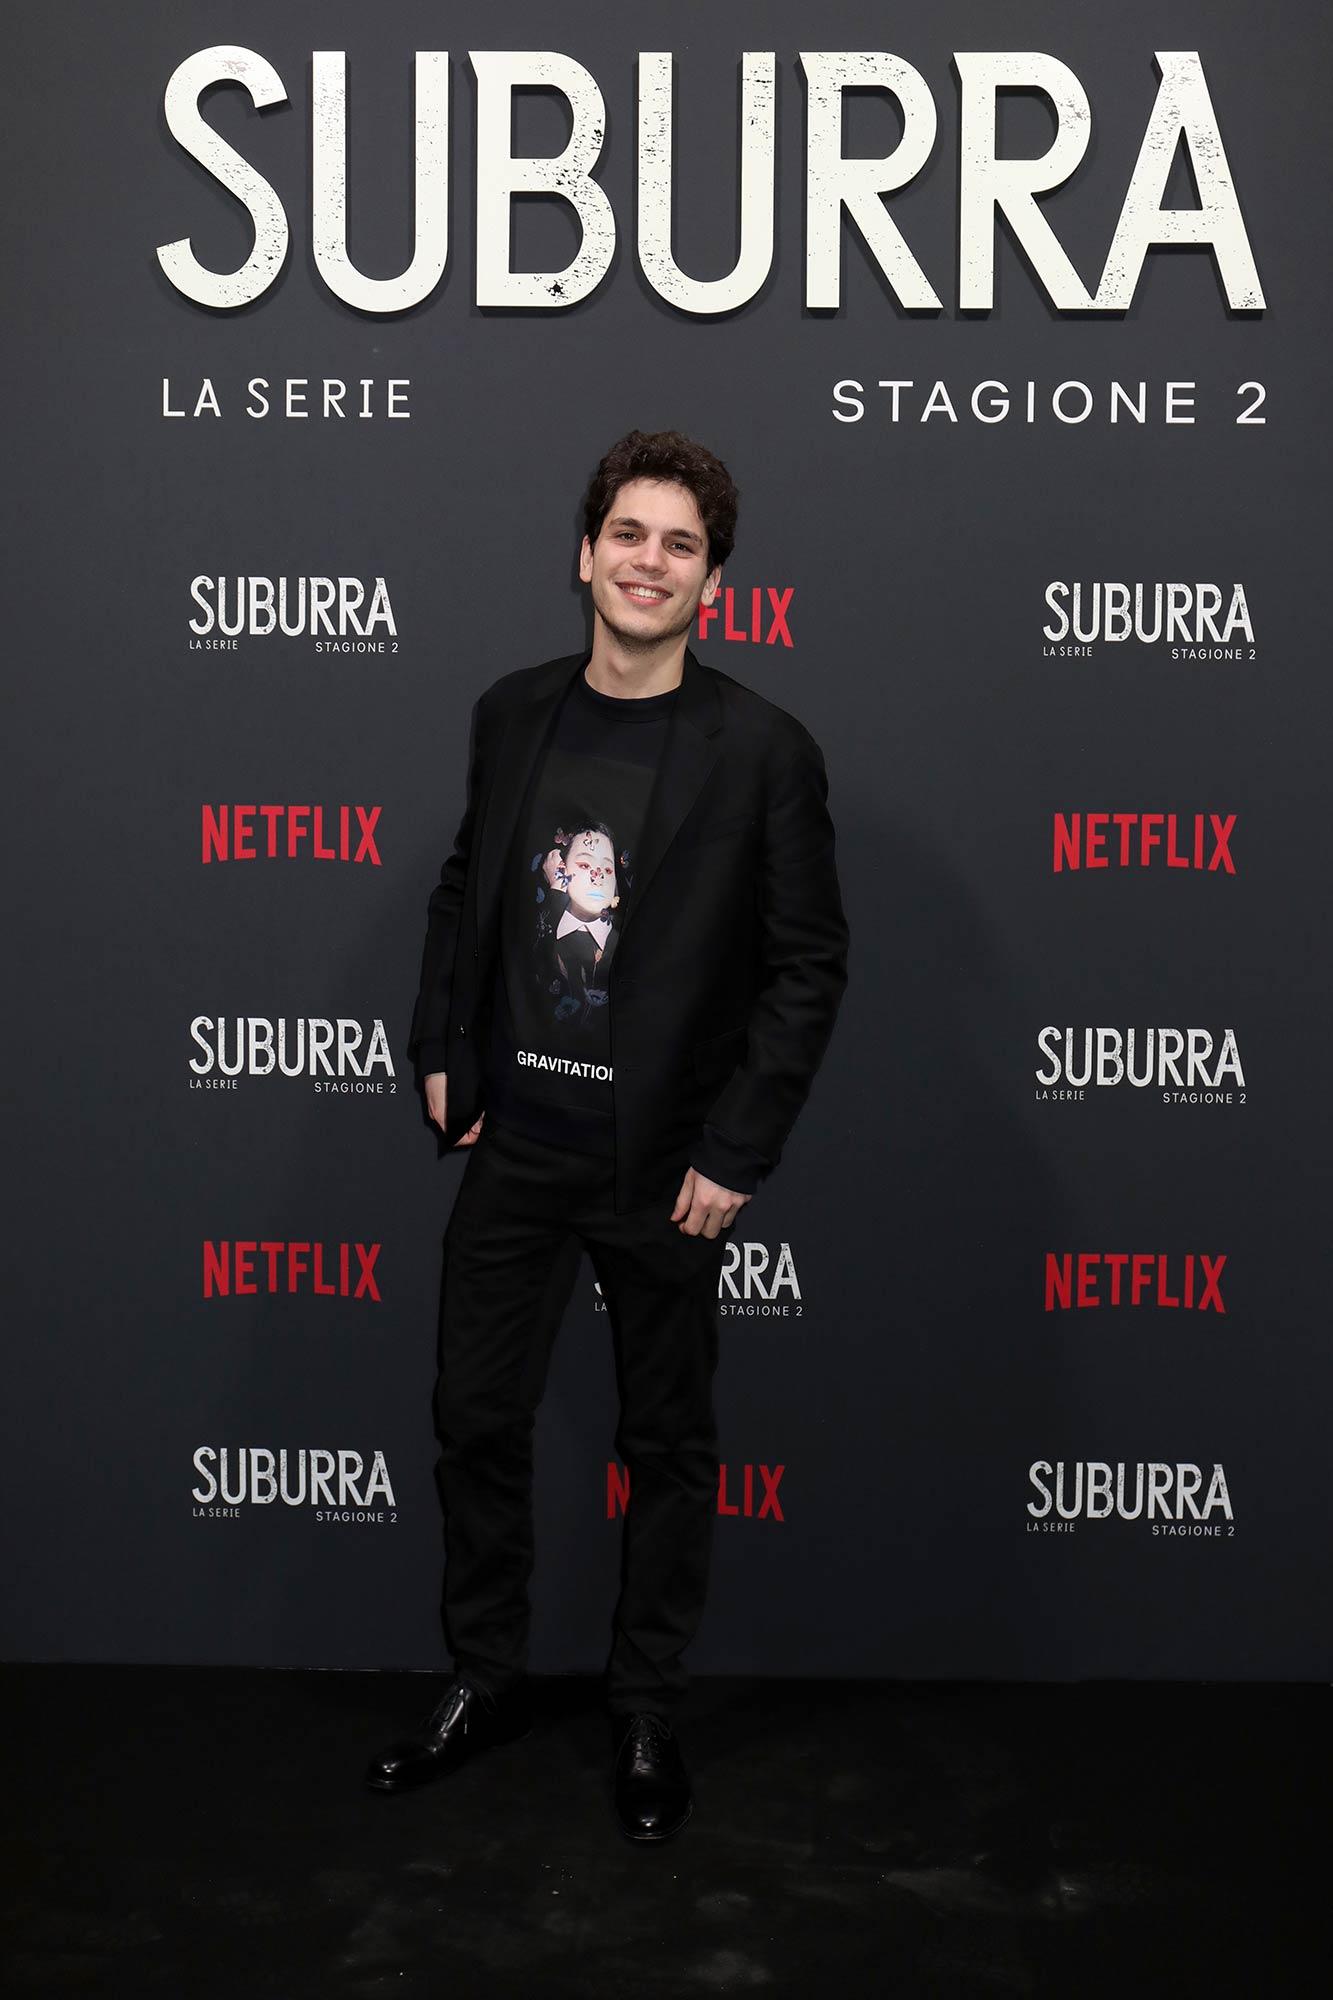 Netflix Premiere Suburra 2 - Eduardo Valdarnini - Grooming Massimo Serini Team